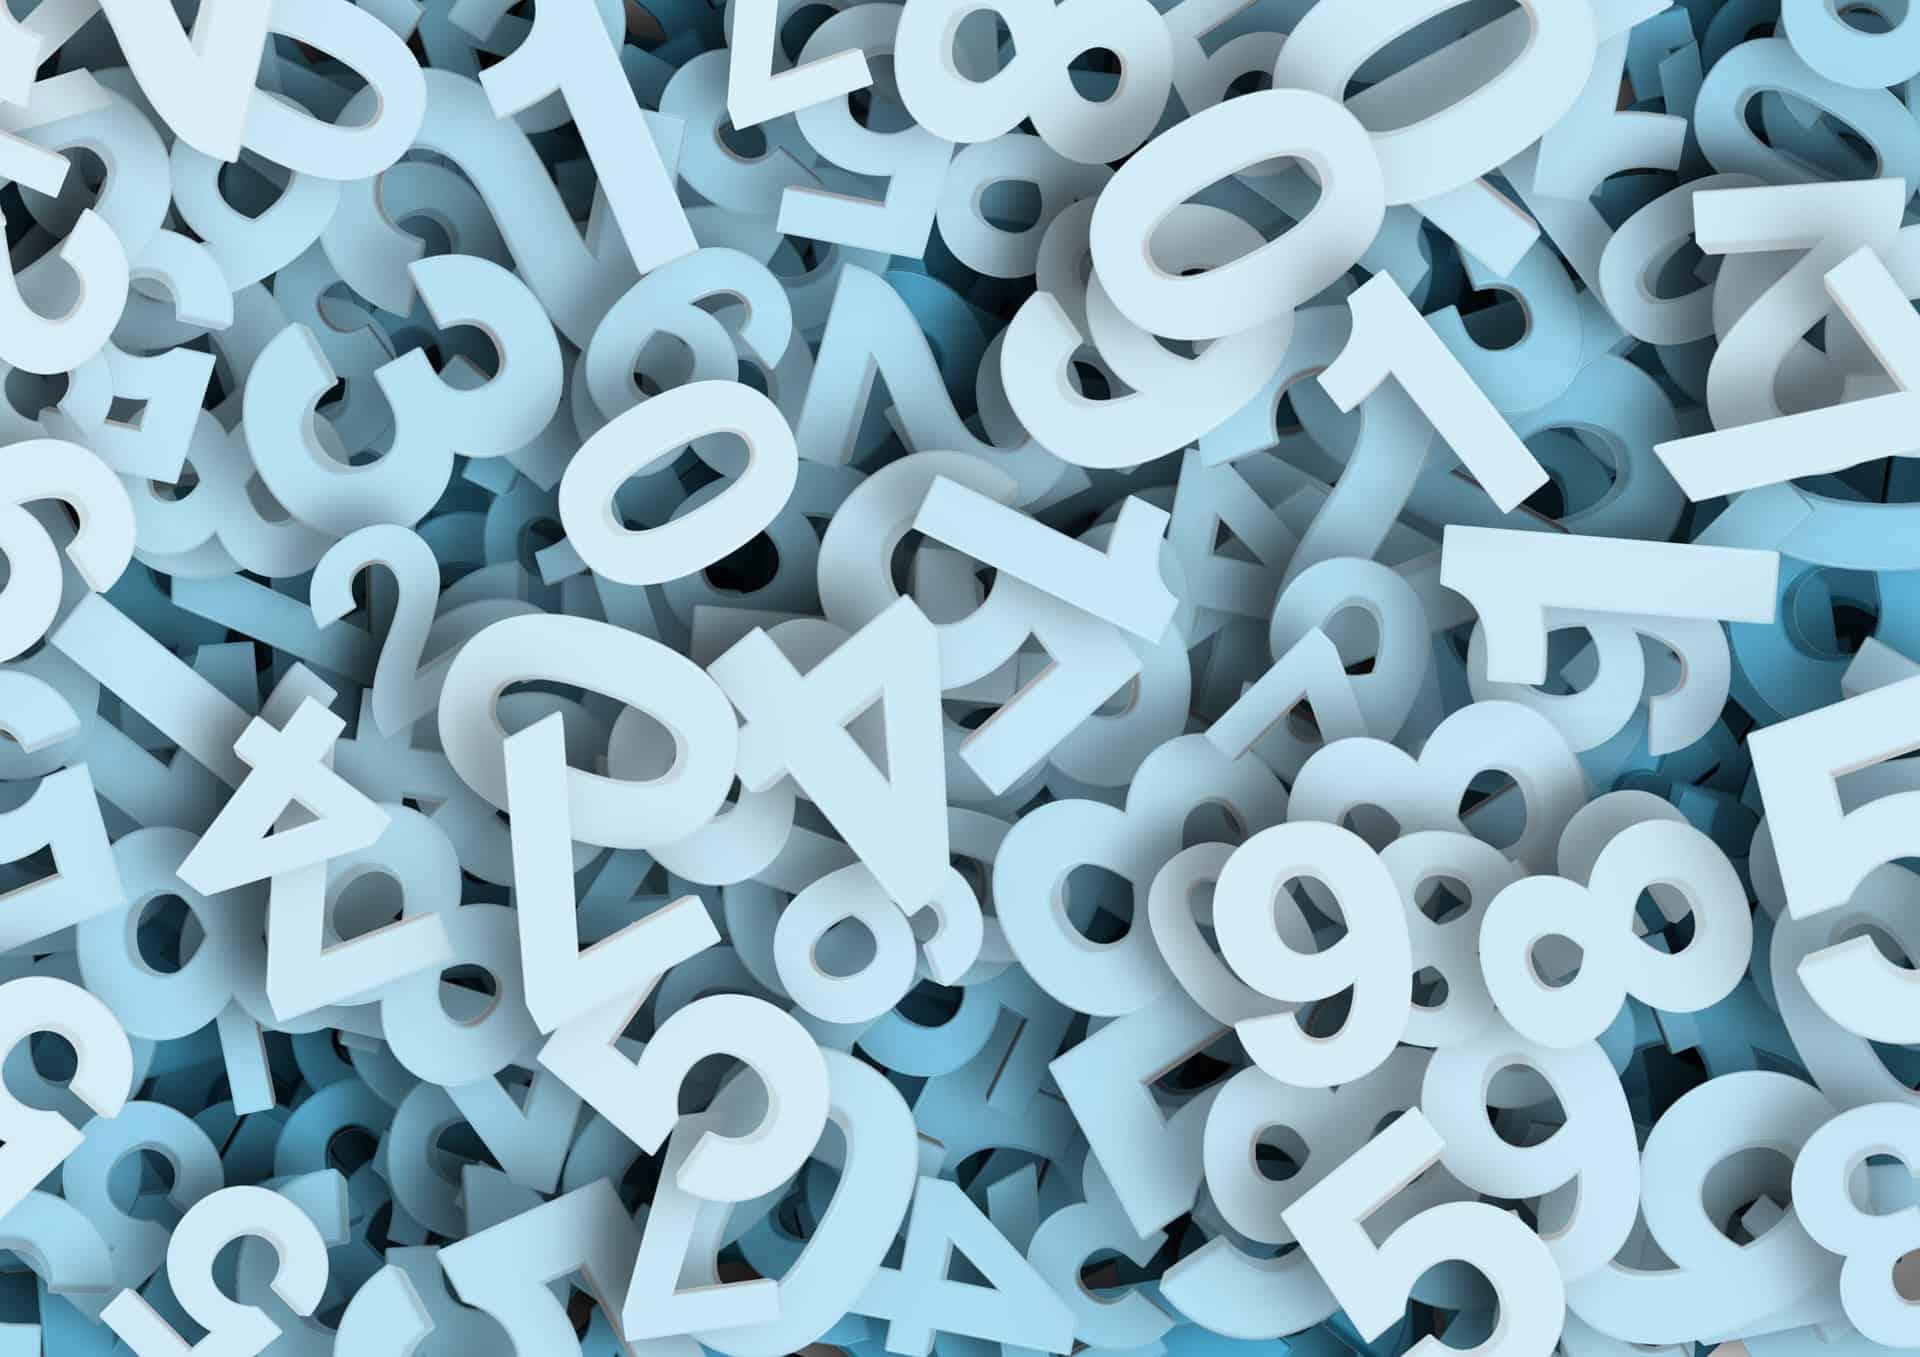 Javascript Random Number Generator